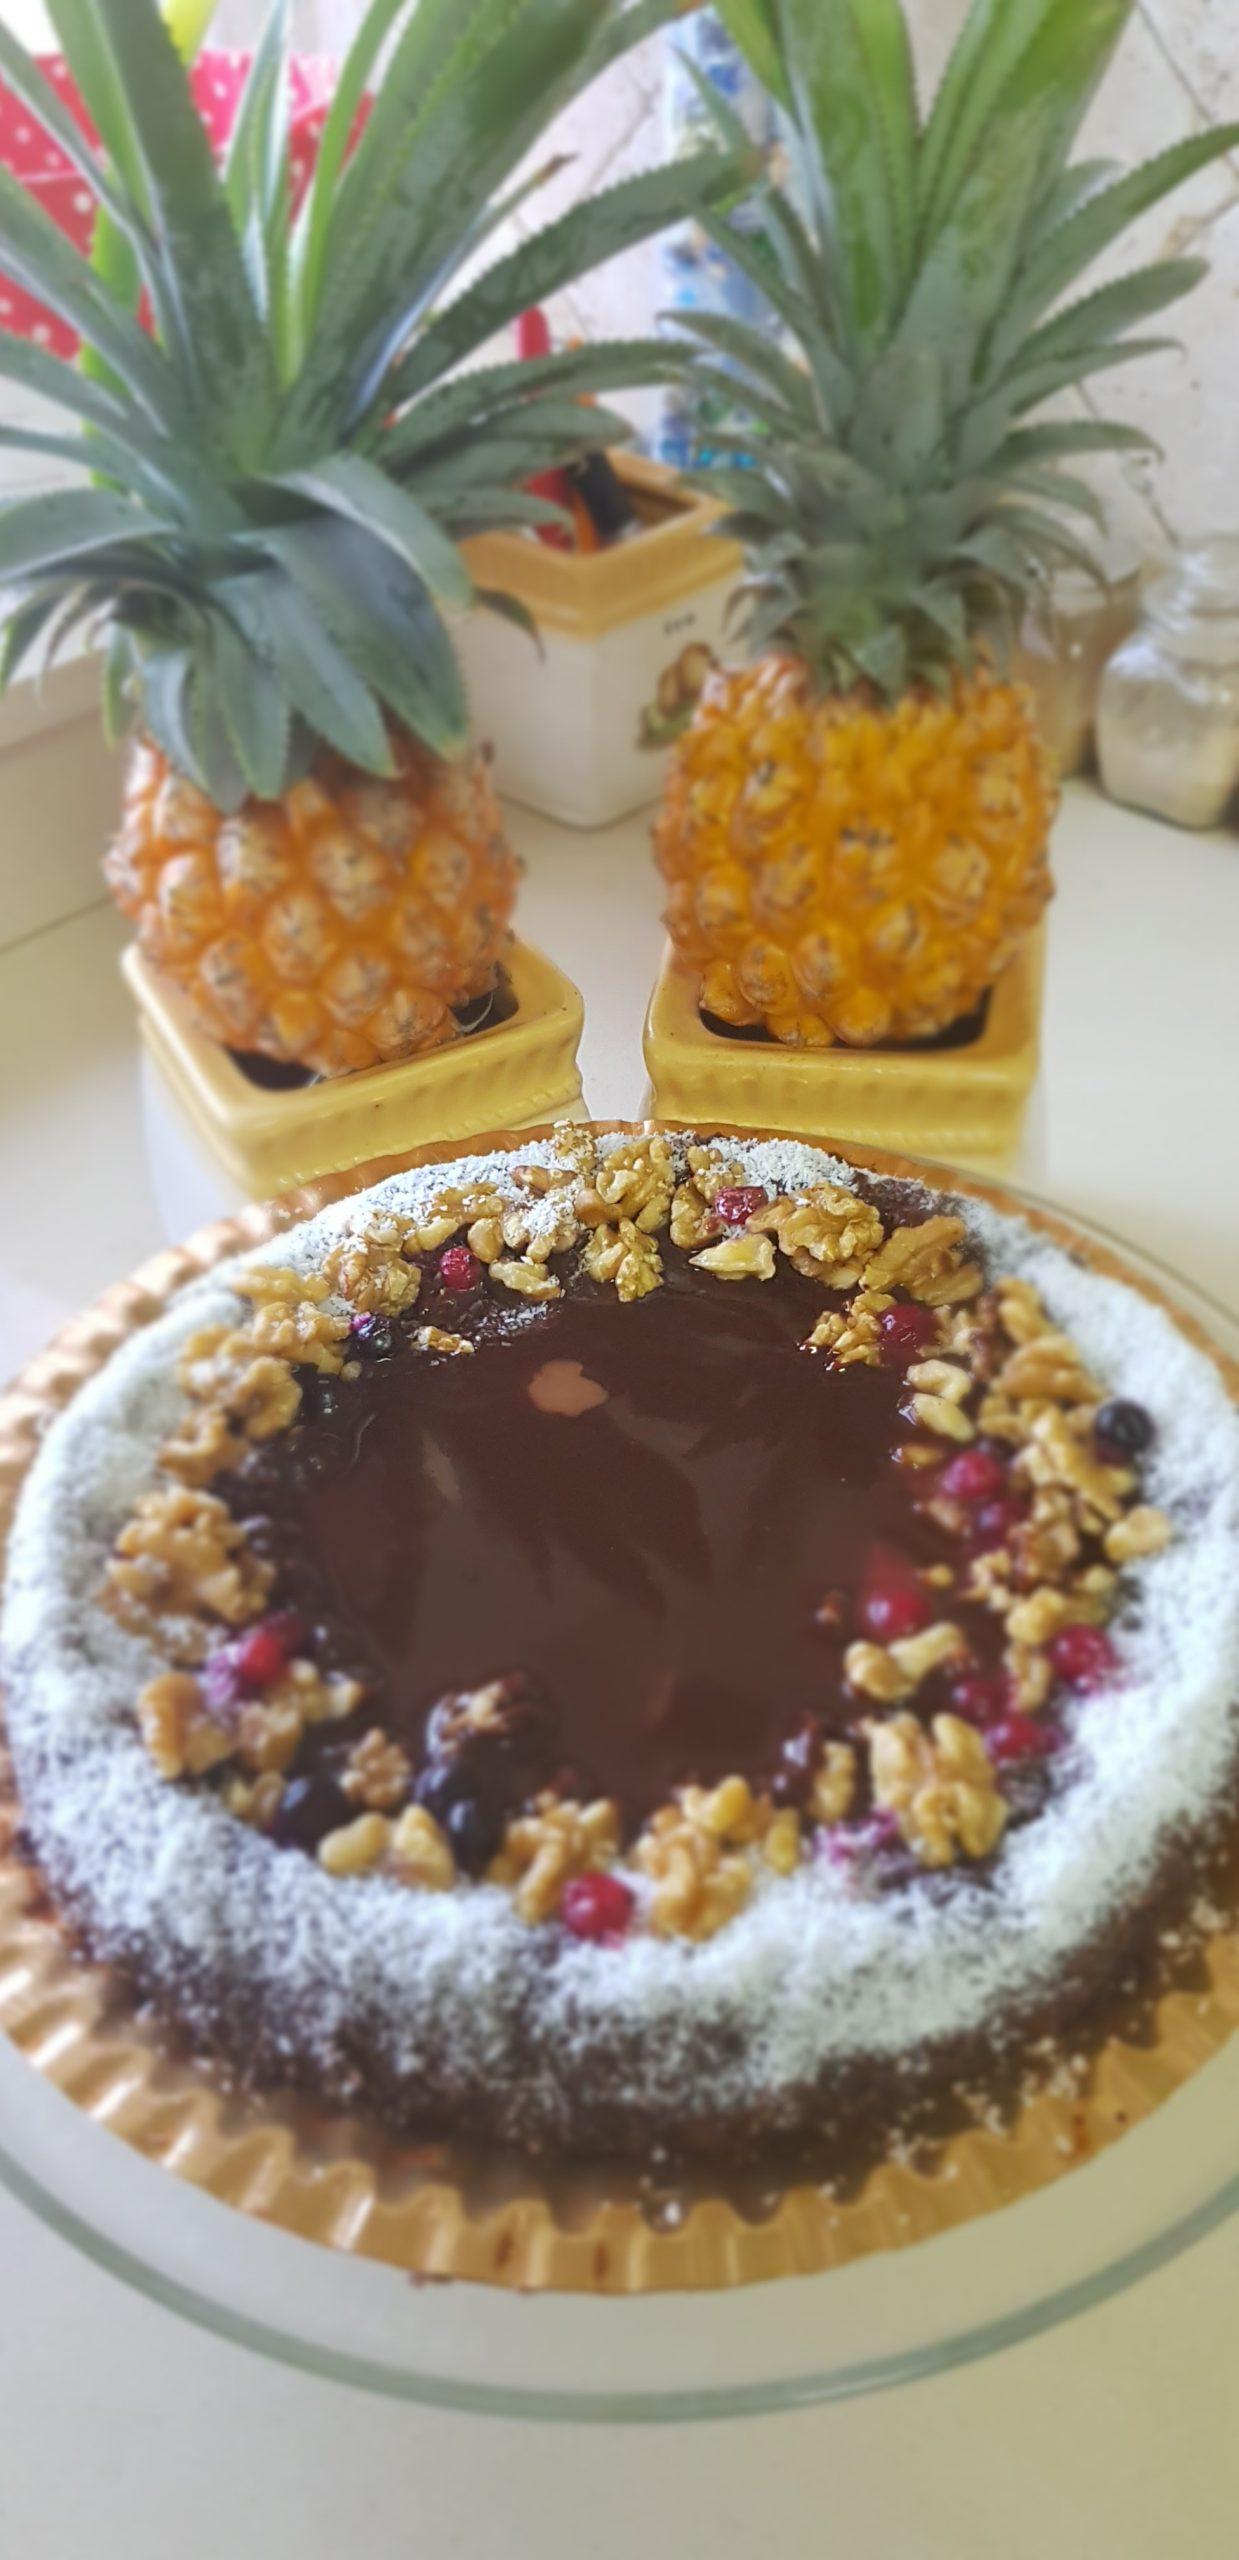 Le gâteau aux noix, chocolat et coco préféré des enfants !